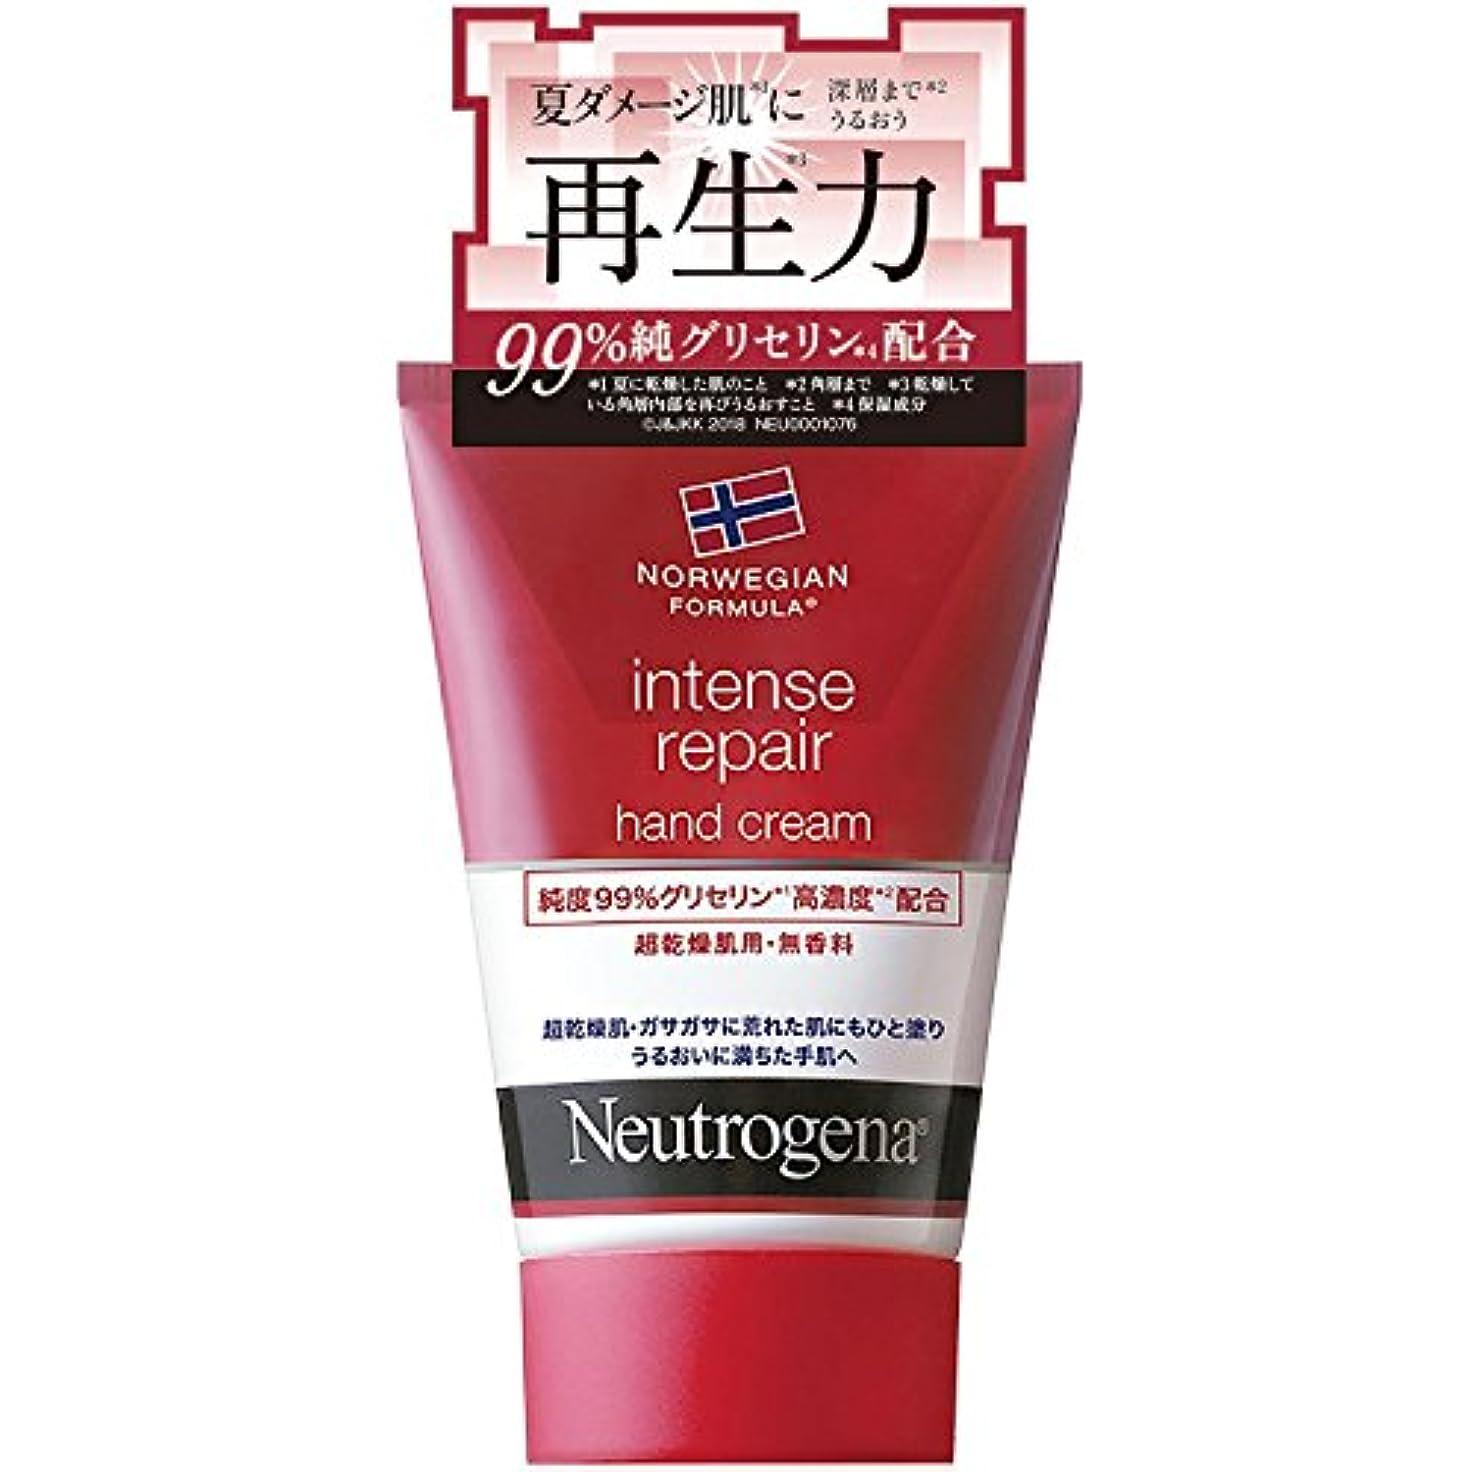 運命矢印覚醒Neutrogena(ニュートロジーナ) ノルウェーフォーミュラ インテンスリペア ハンドクリーム 超乾燥肌用 無香料 50g